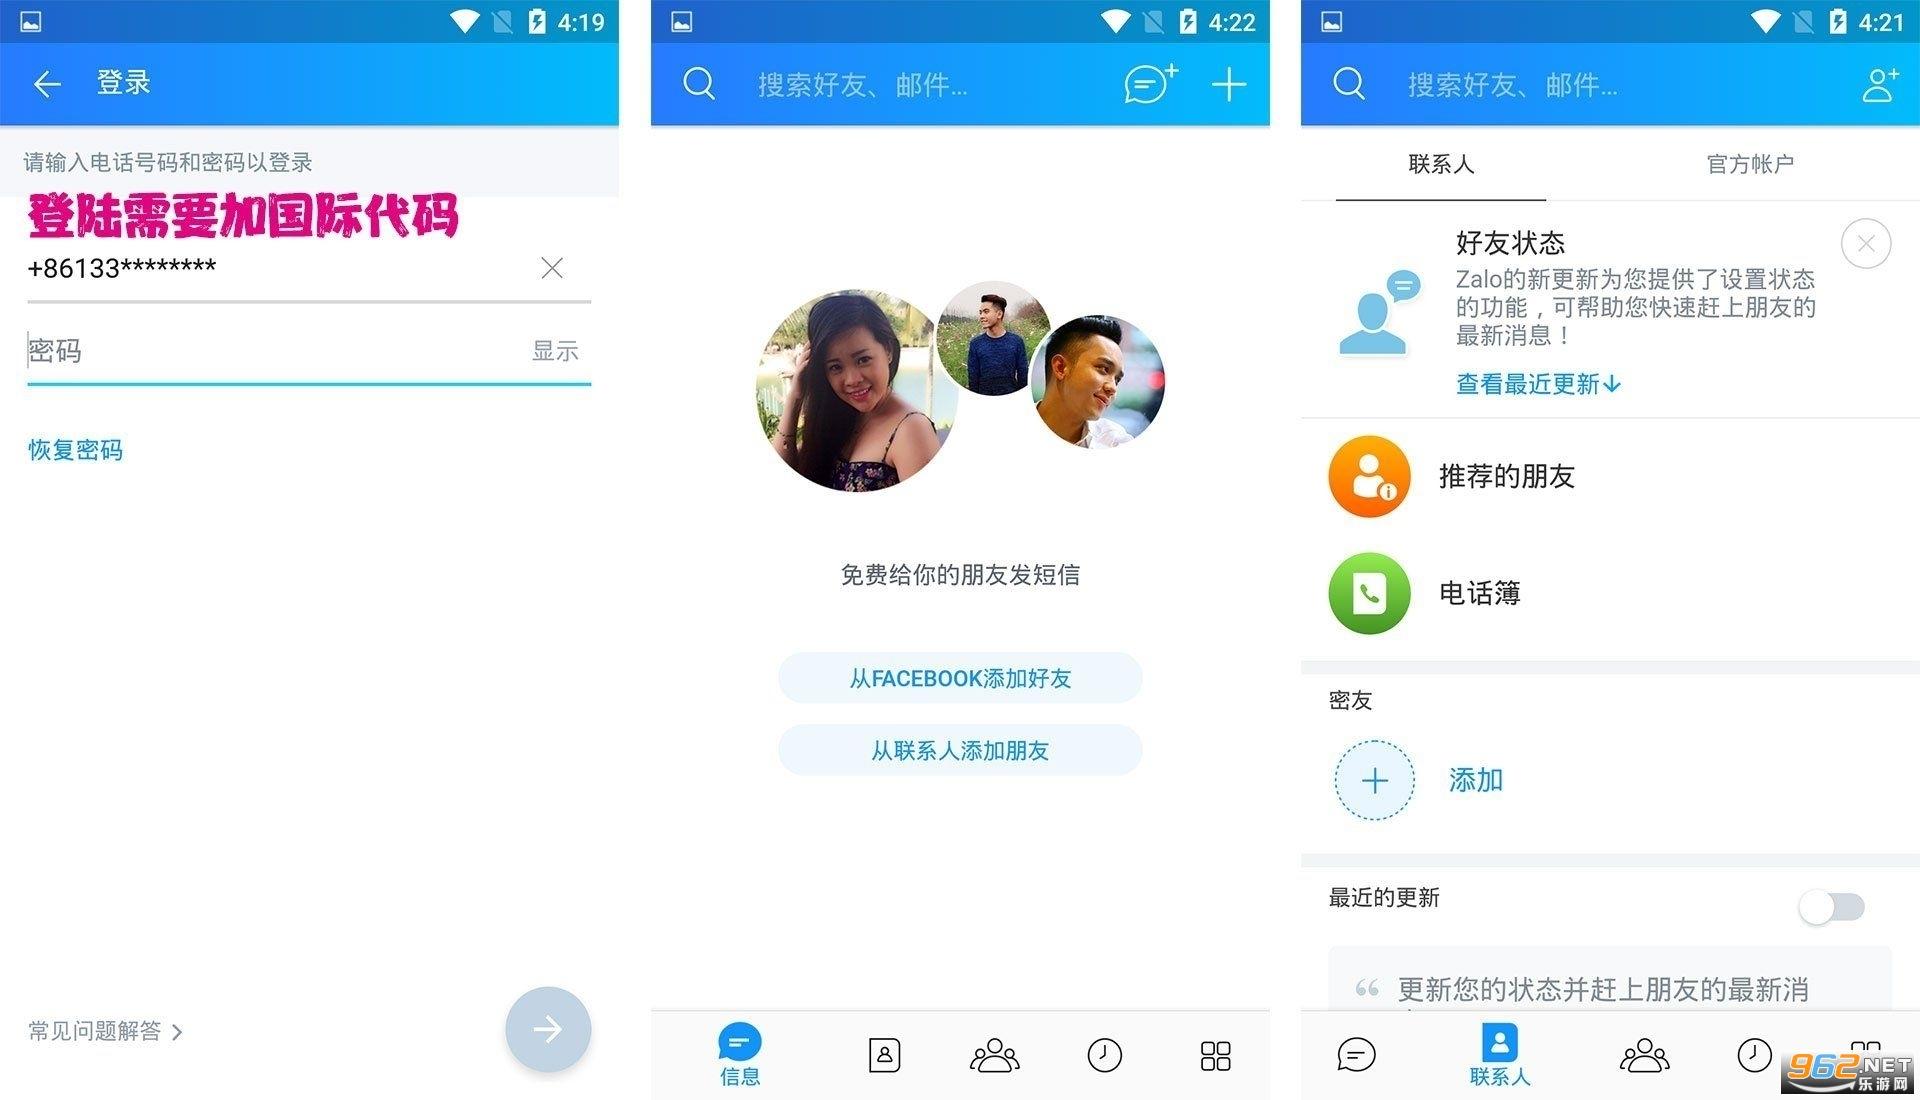 越南聊天软件zalo中文版2021截图1